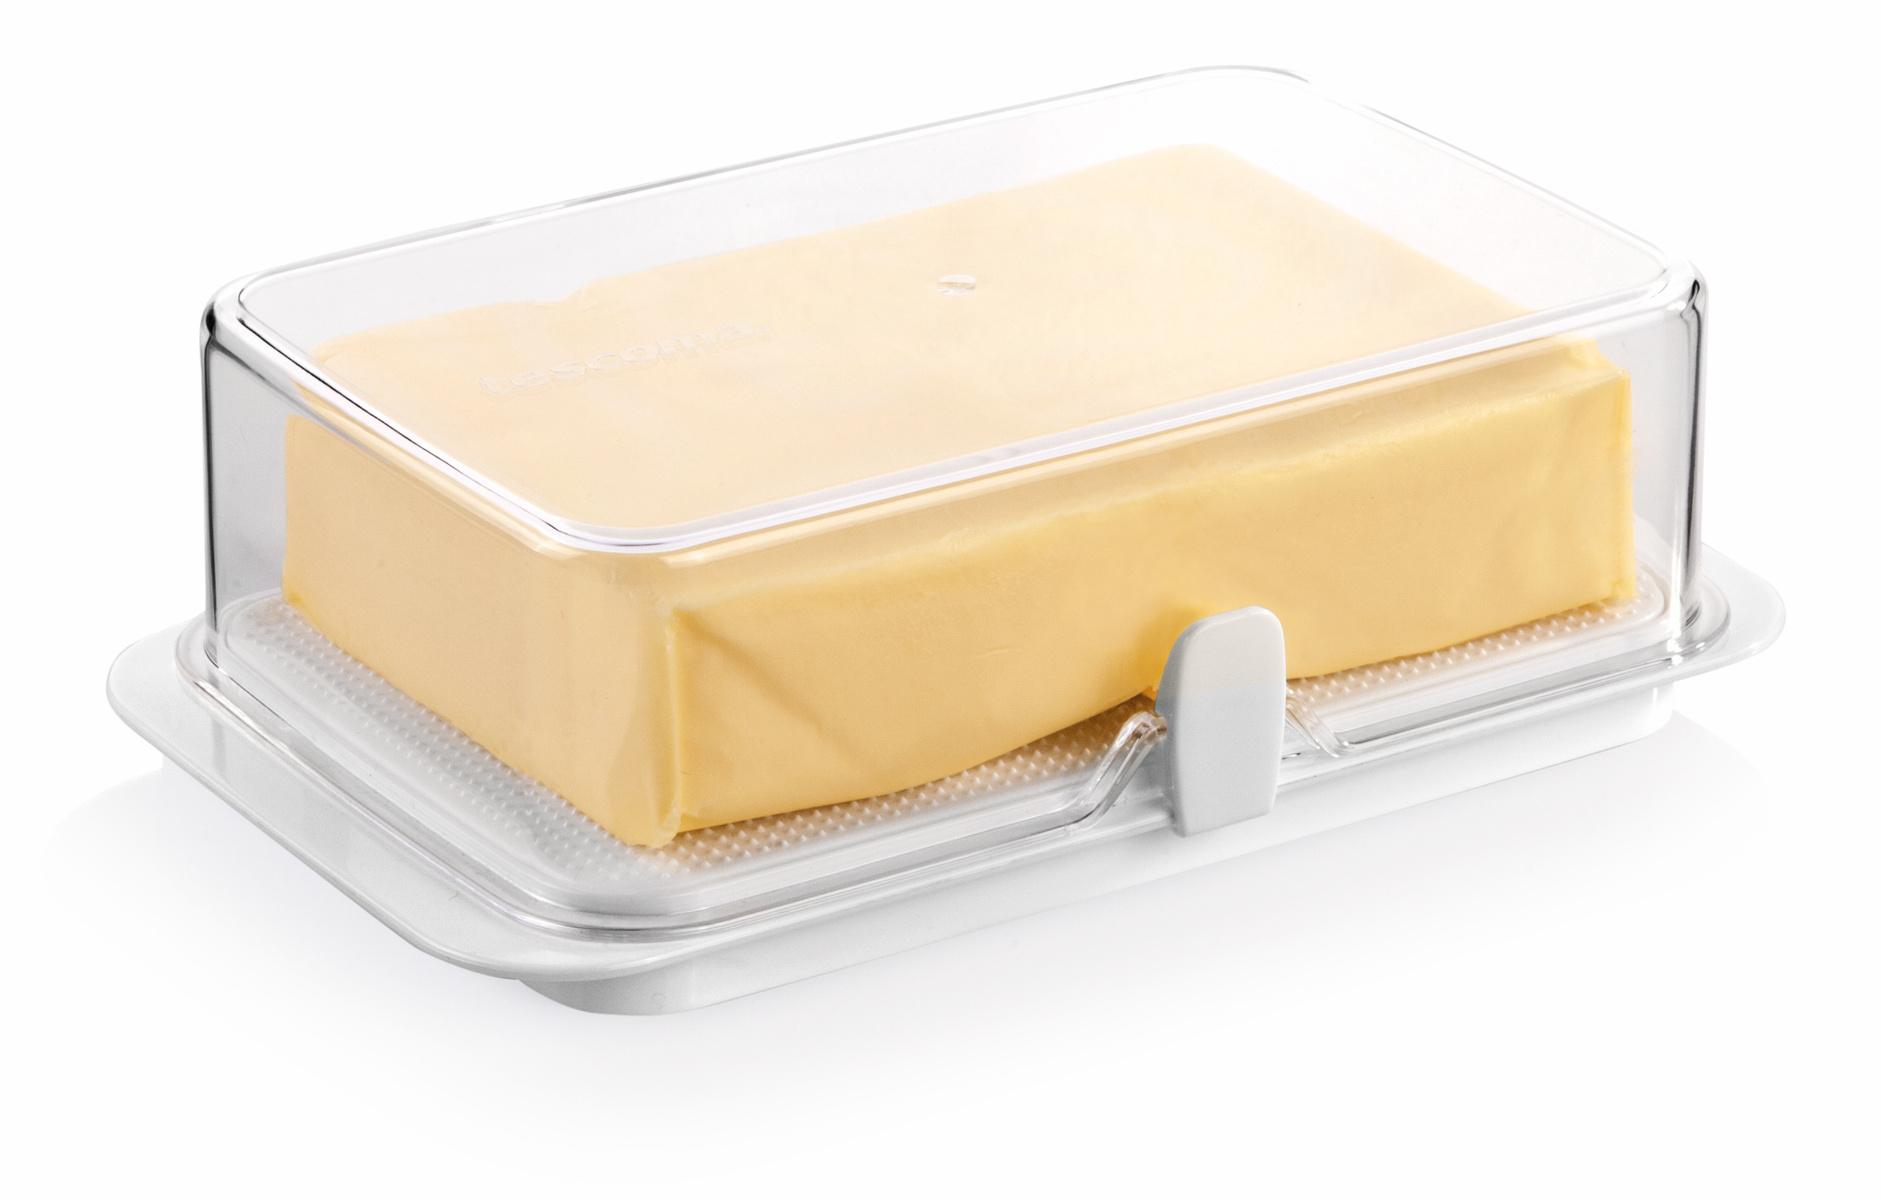 Tescoma Purity Zdravá dóza do chladničky máslenka veľka